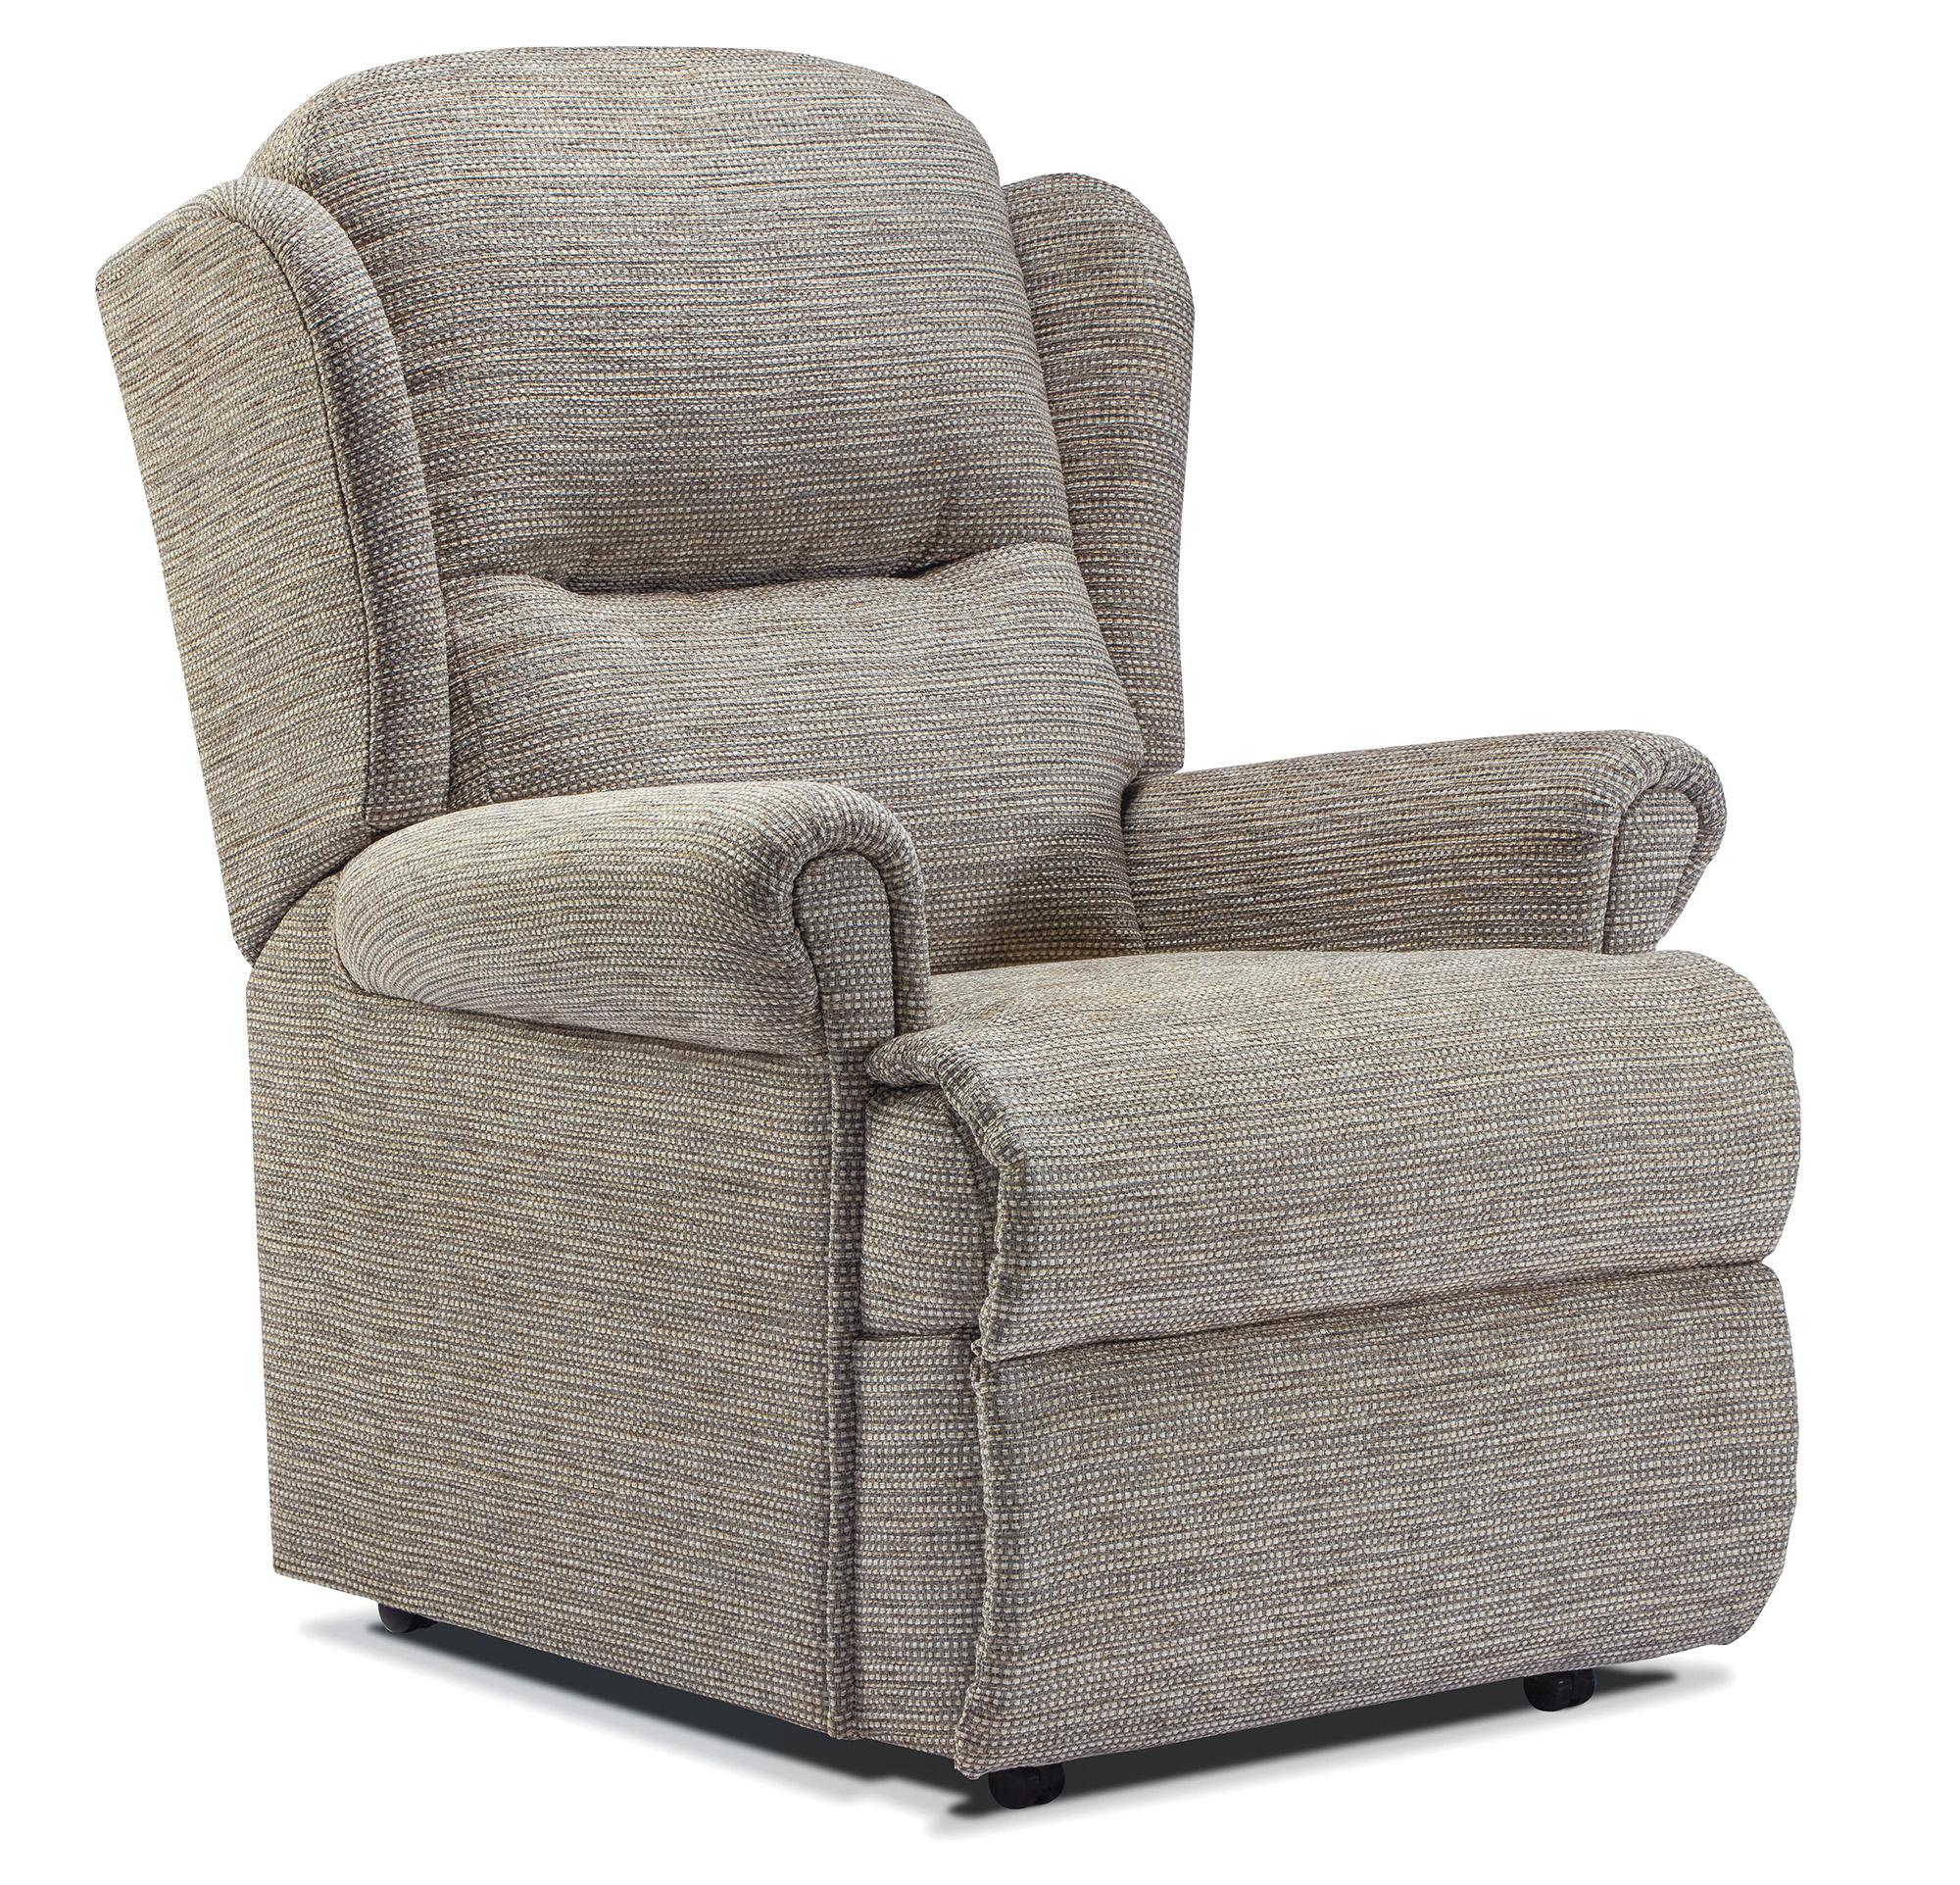 Malvern Standard Chair